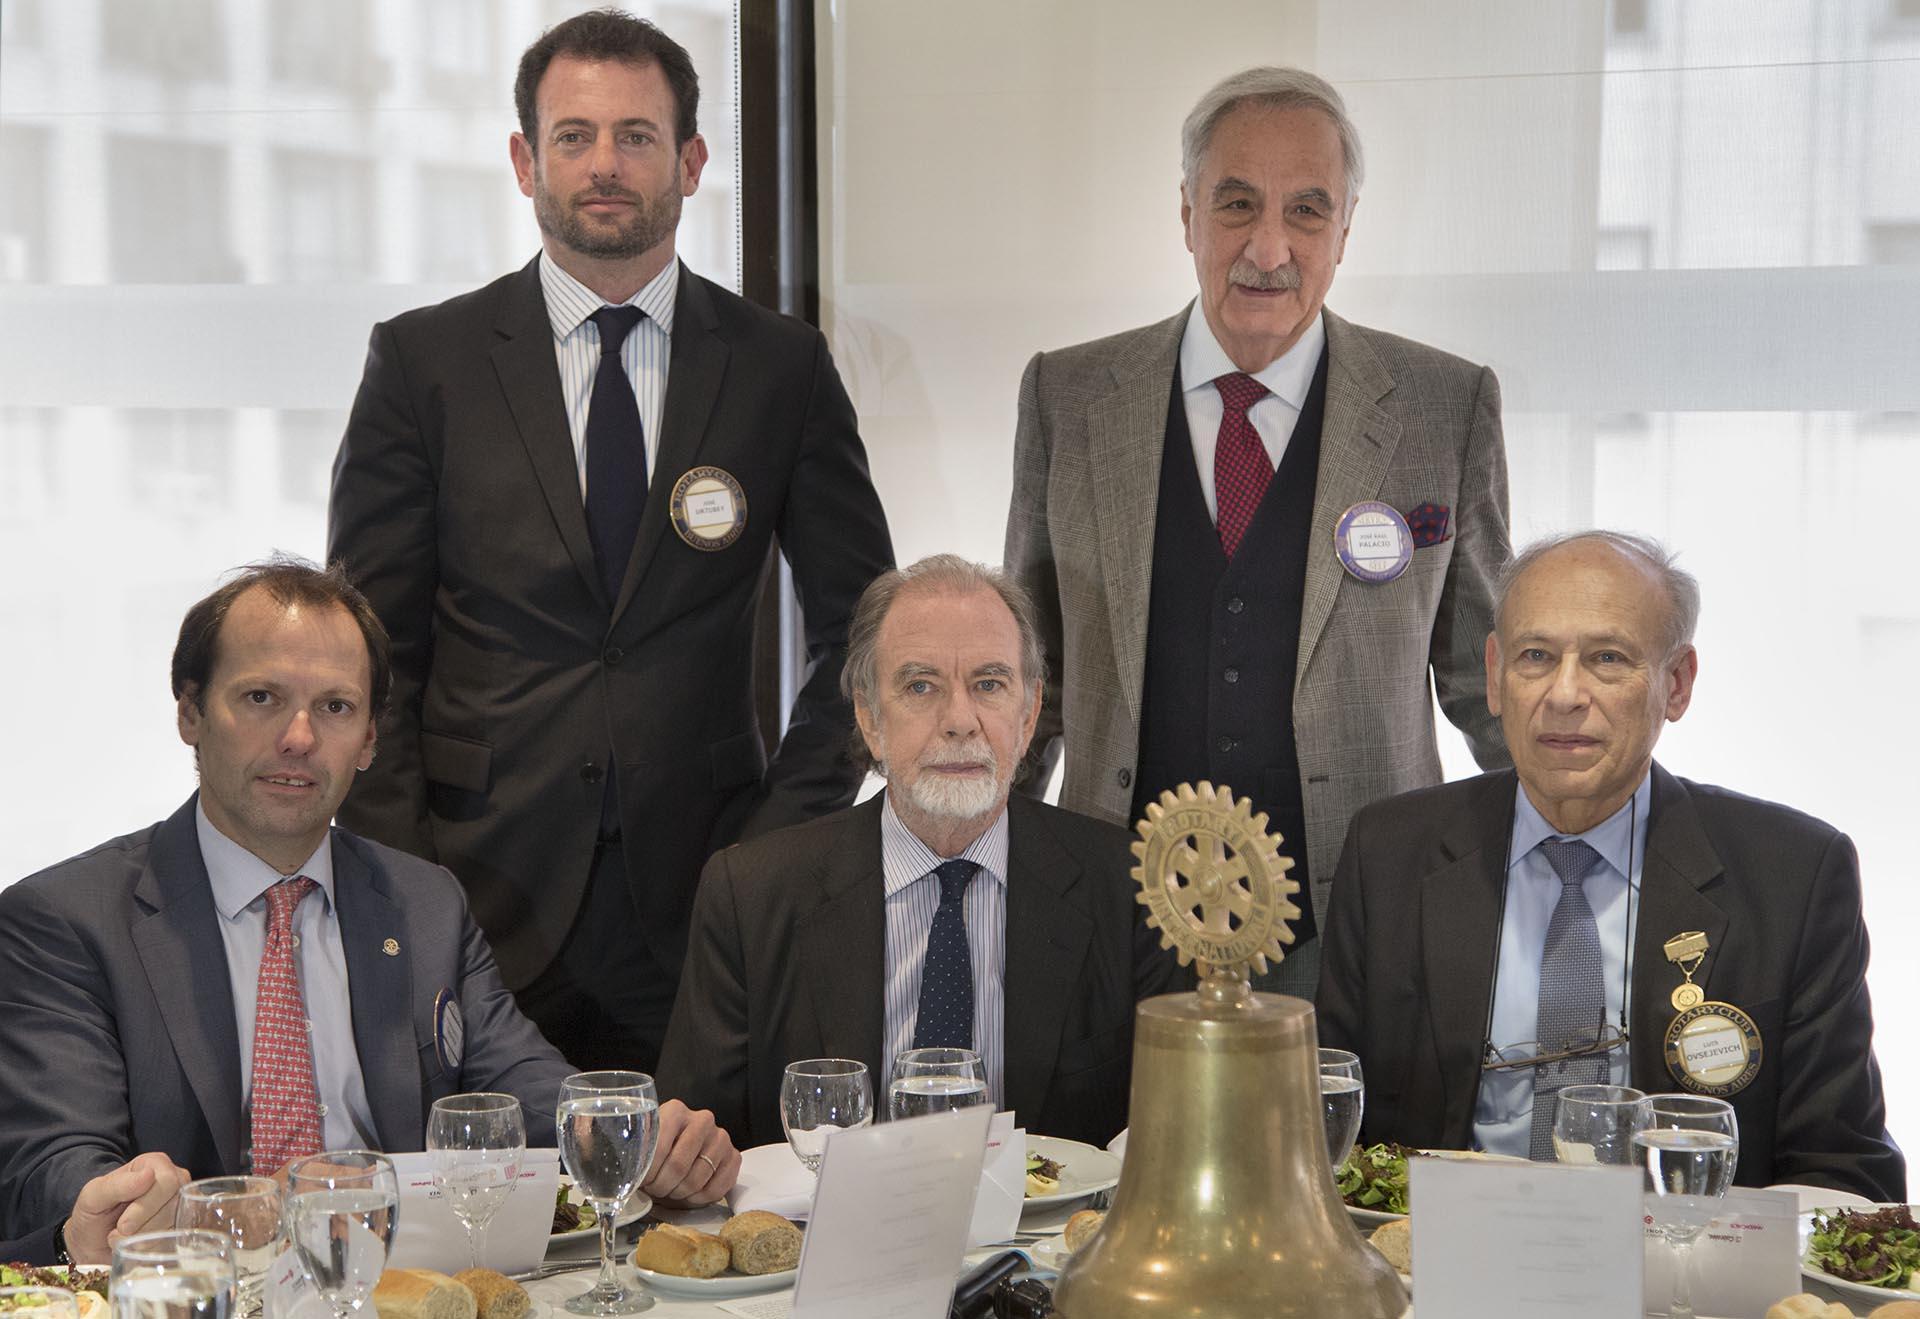 El presidente del Banco Nacion, Javier Gonzalez Fraga durante el ciclo de conferencias organizadas por el Rotary Club de Buenos Aires